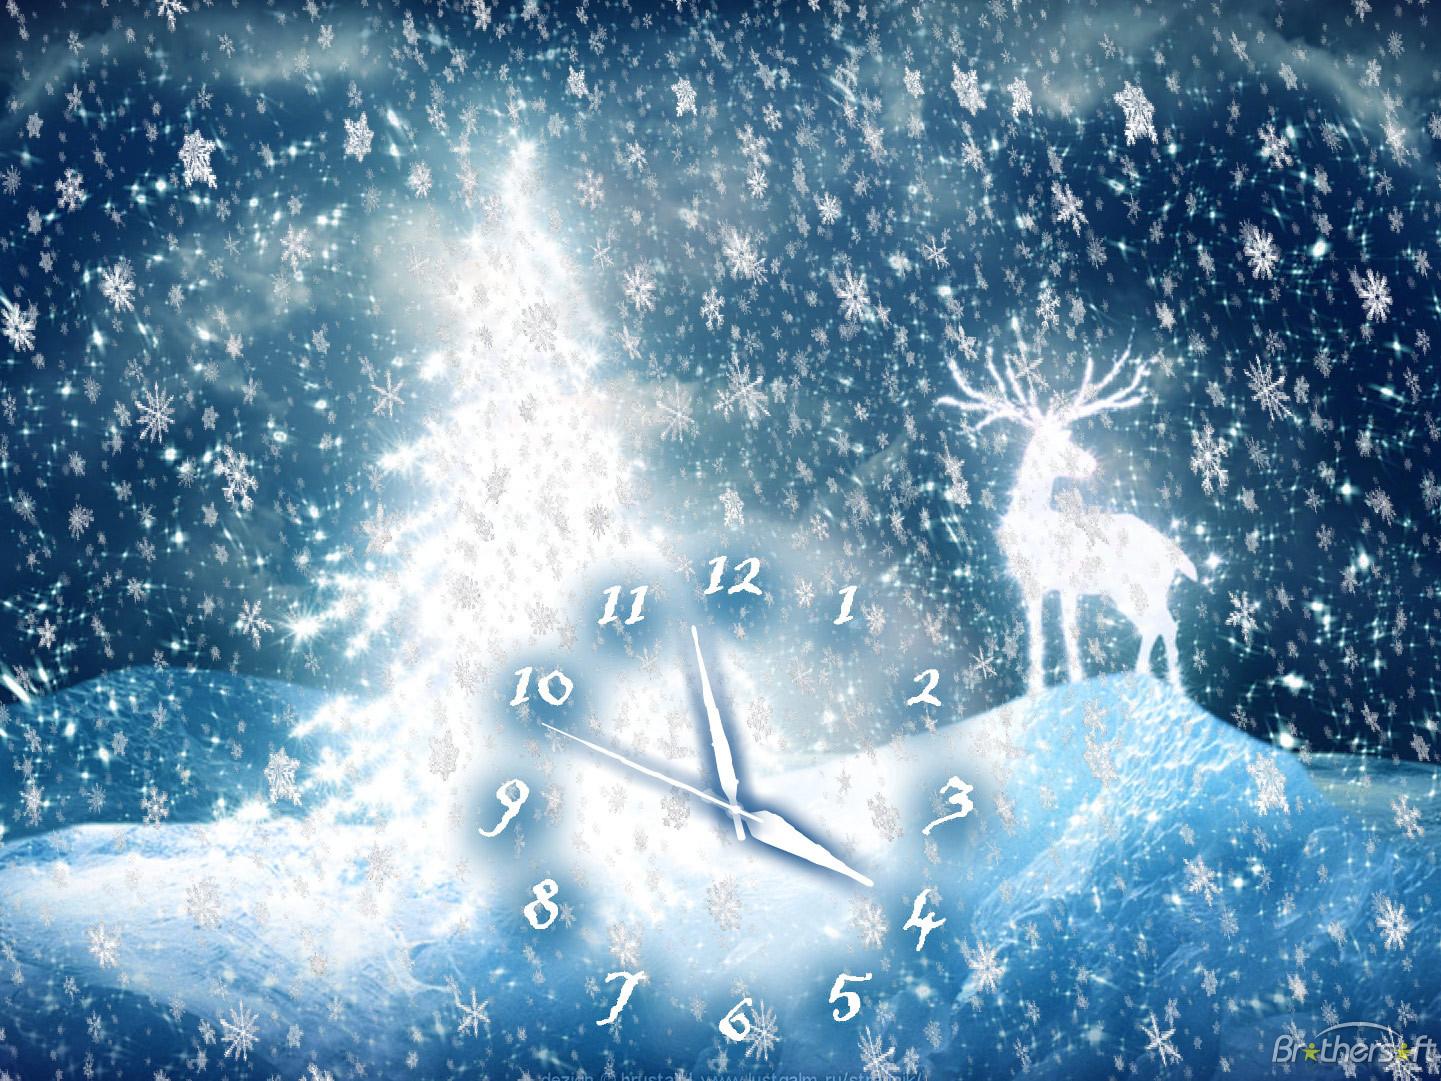 And Wallpapers christmas screensavers wallpaper christmas 1441x1081